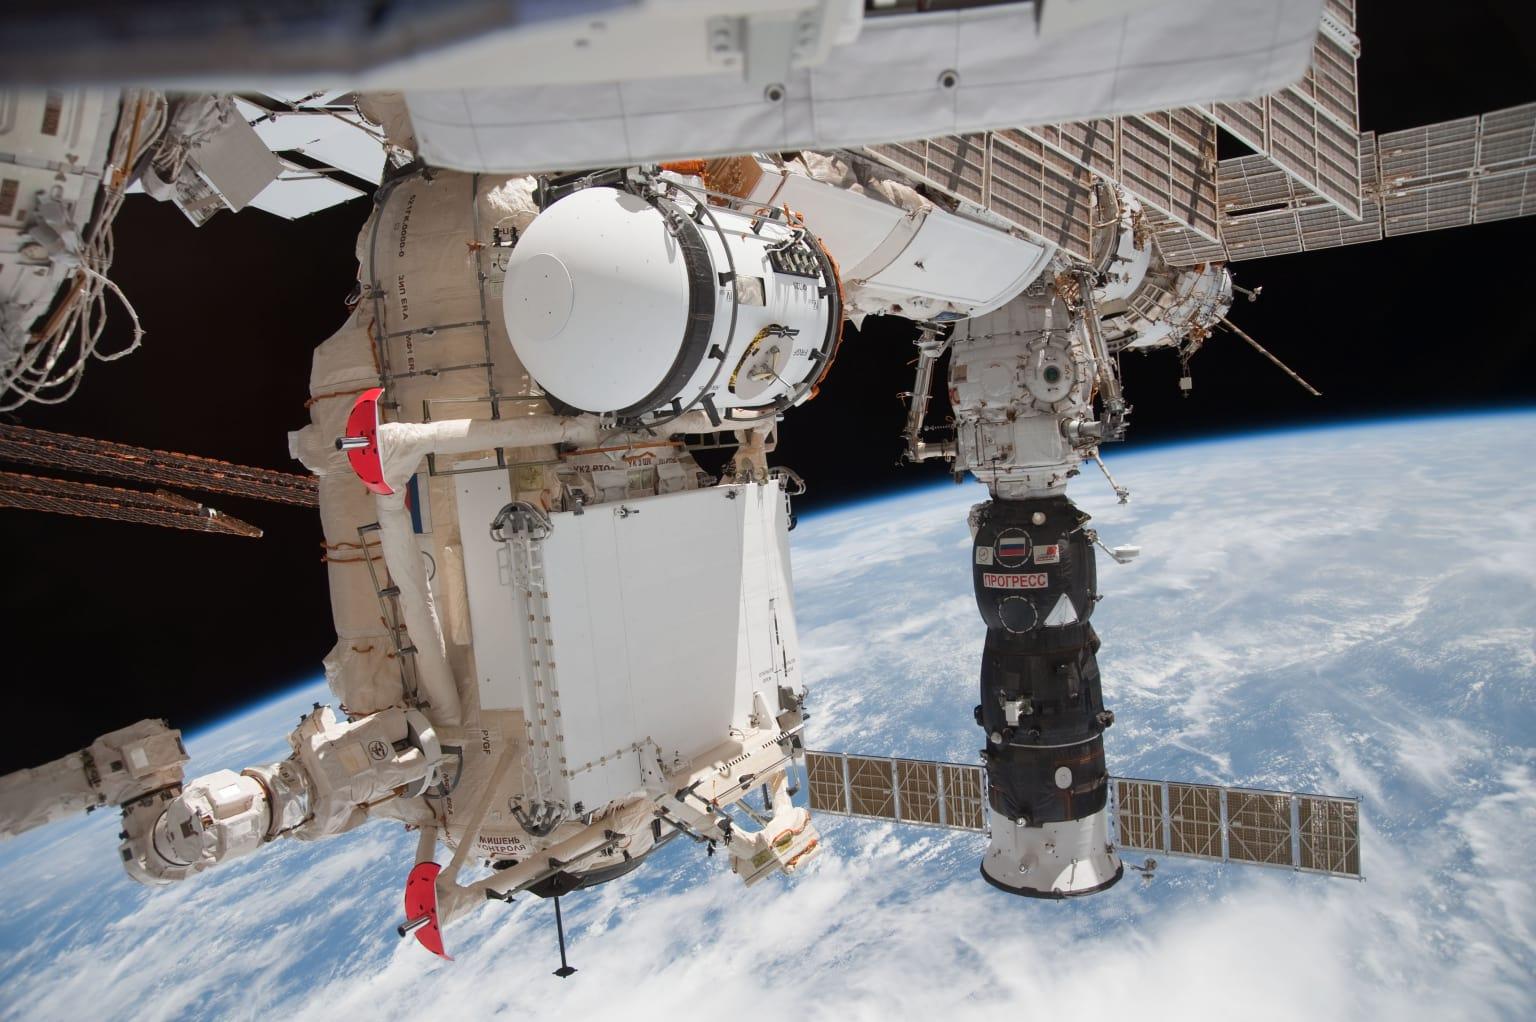 Малый исследовательский модуль «Рассвет» российского сегмента Международной космической станции (МКС), требующий особого внимания к вызовам ЭМС